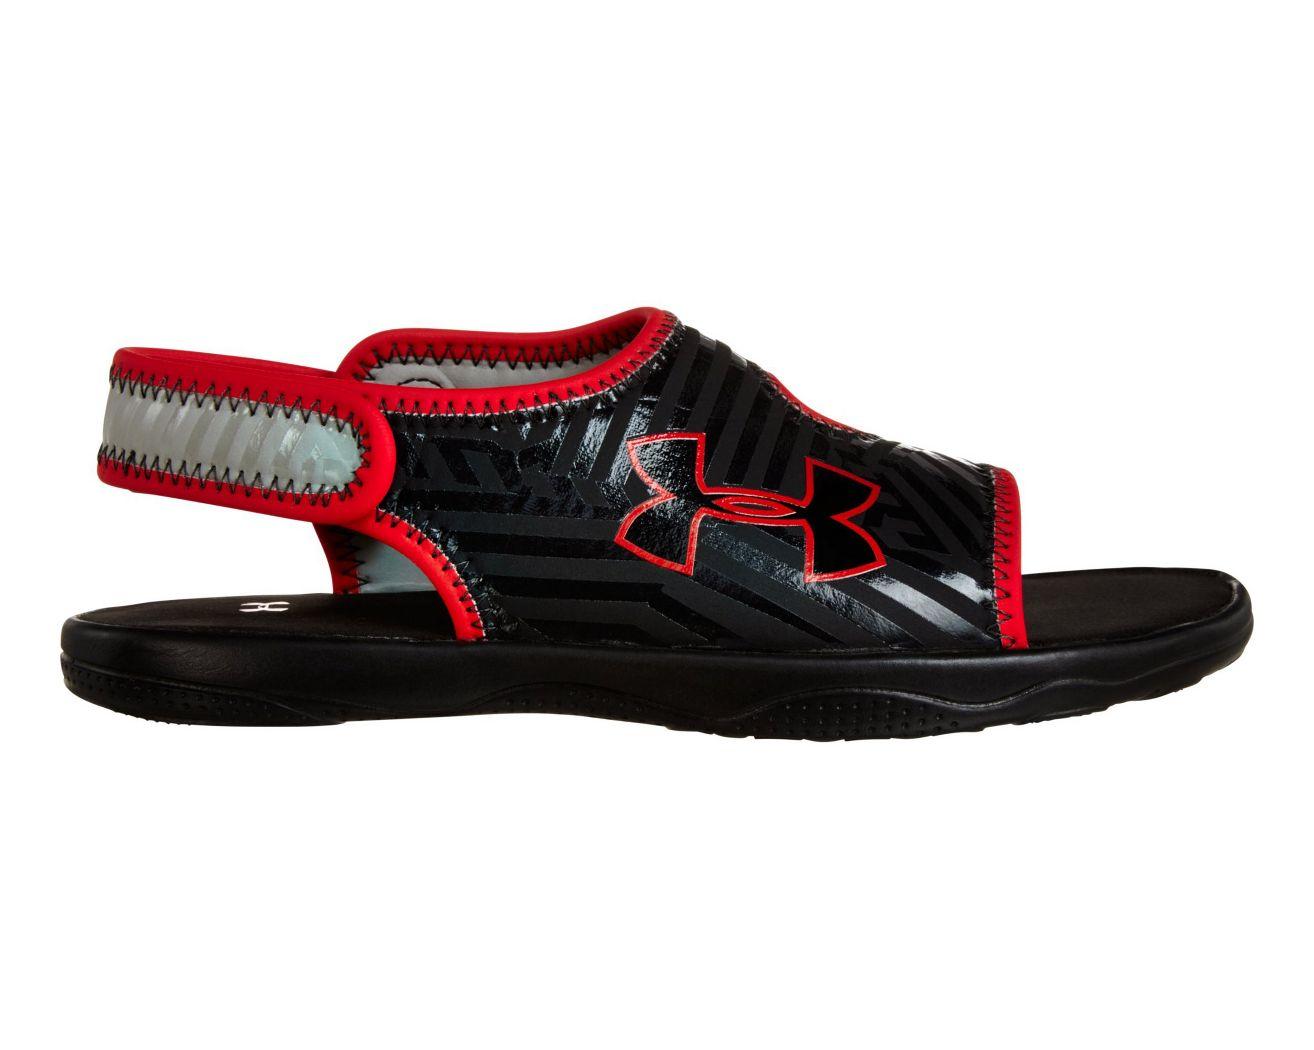 Black sandals for toddler boy - Toddler Boy Under Armour Shoes Under Armour Toddler Boy Shoes Under Armour Toddler Boy Shoes